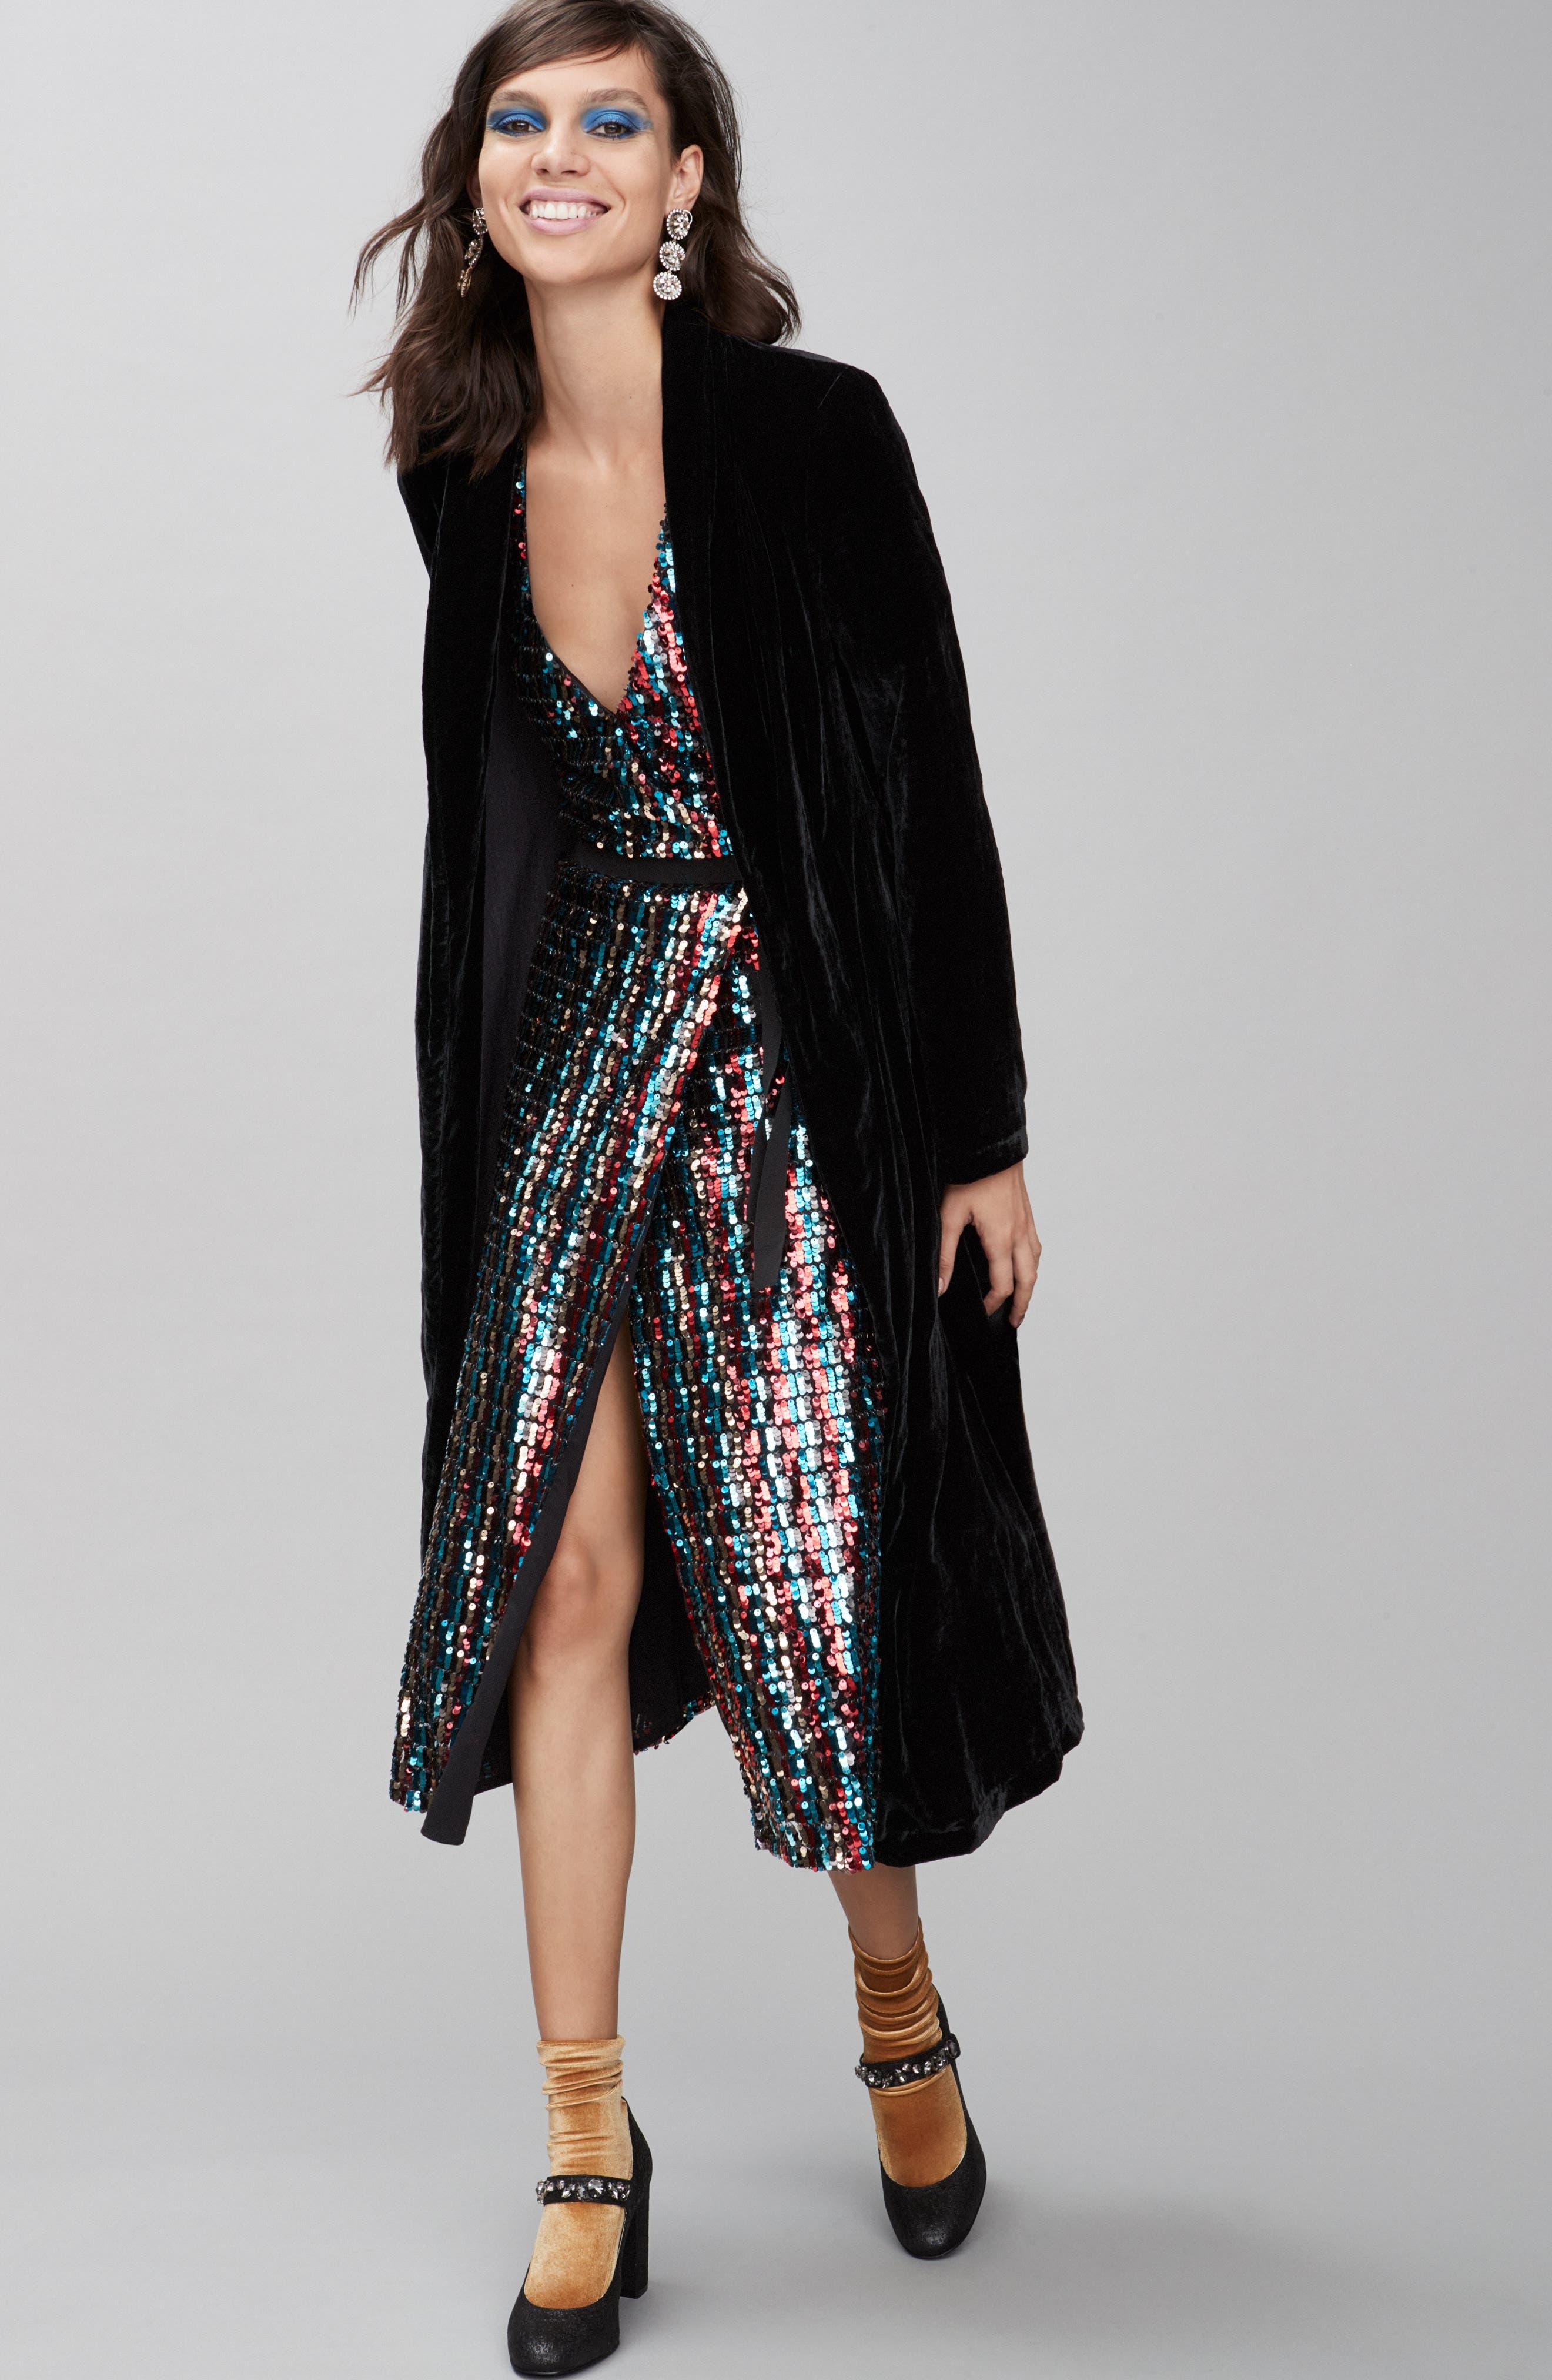 Multicolor Sequin Wrap Dress,                             Alternate thumbnail 10, color,                             MERLOT GOLD